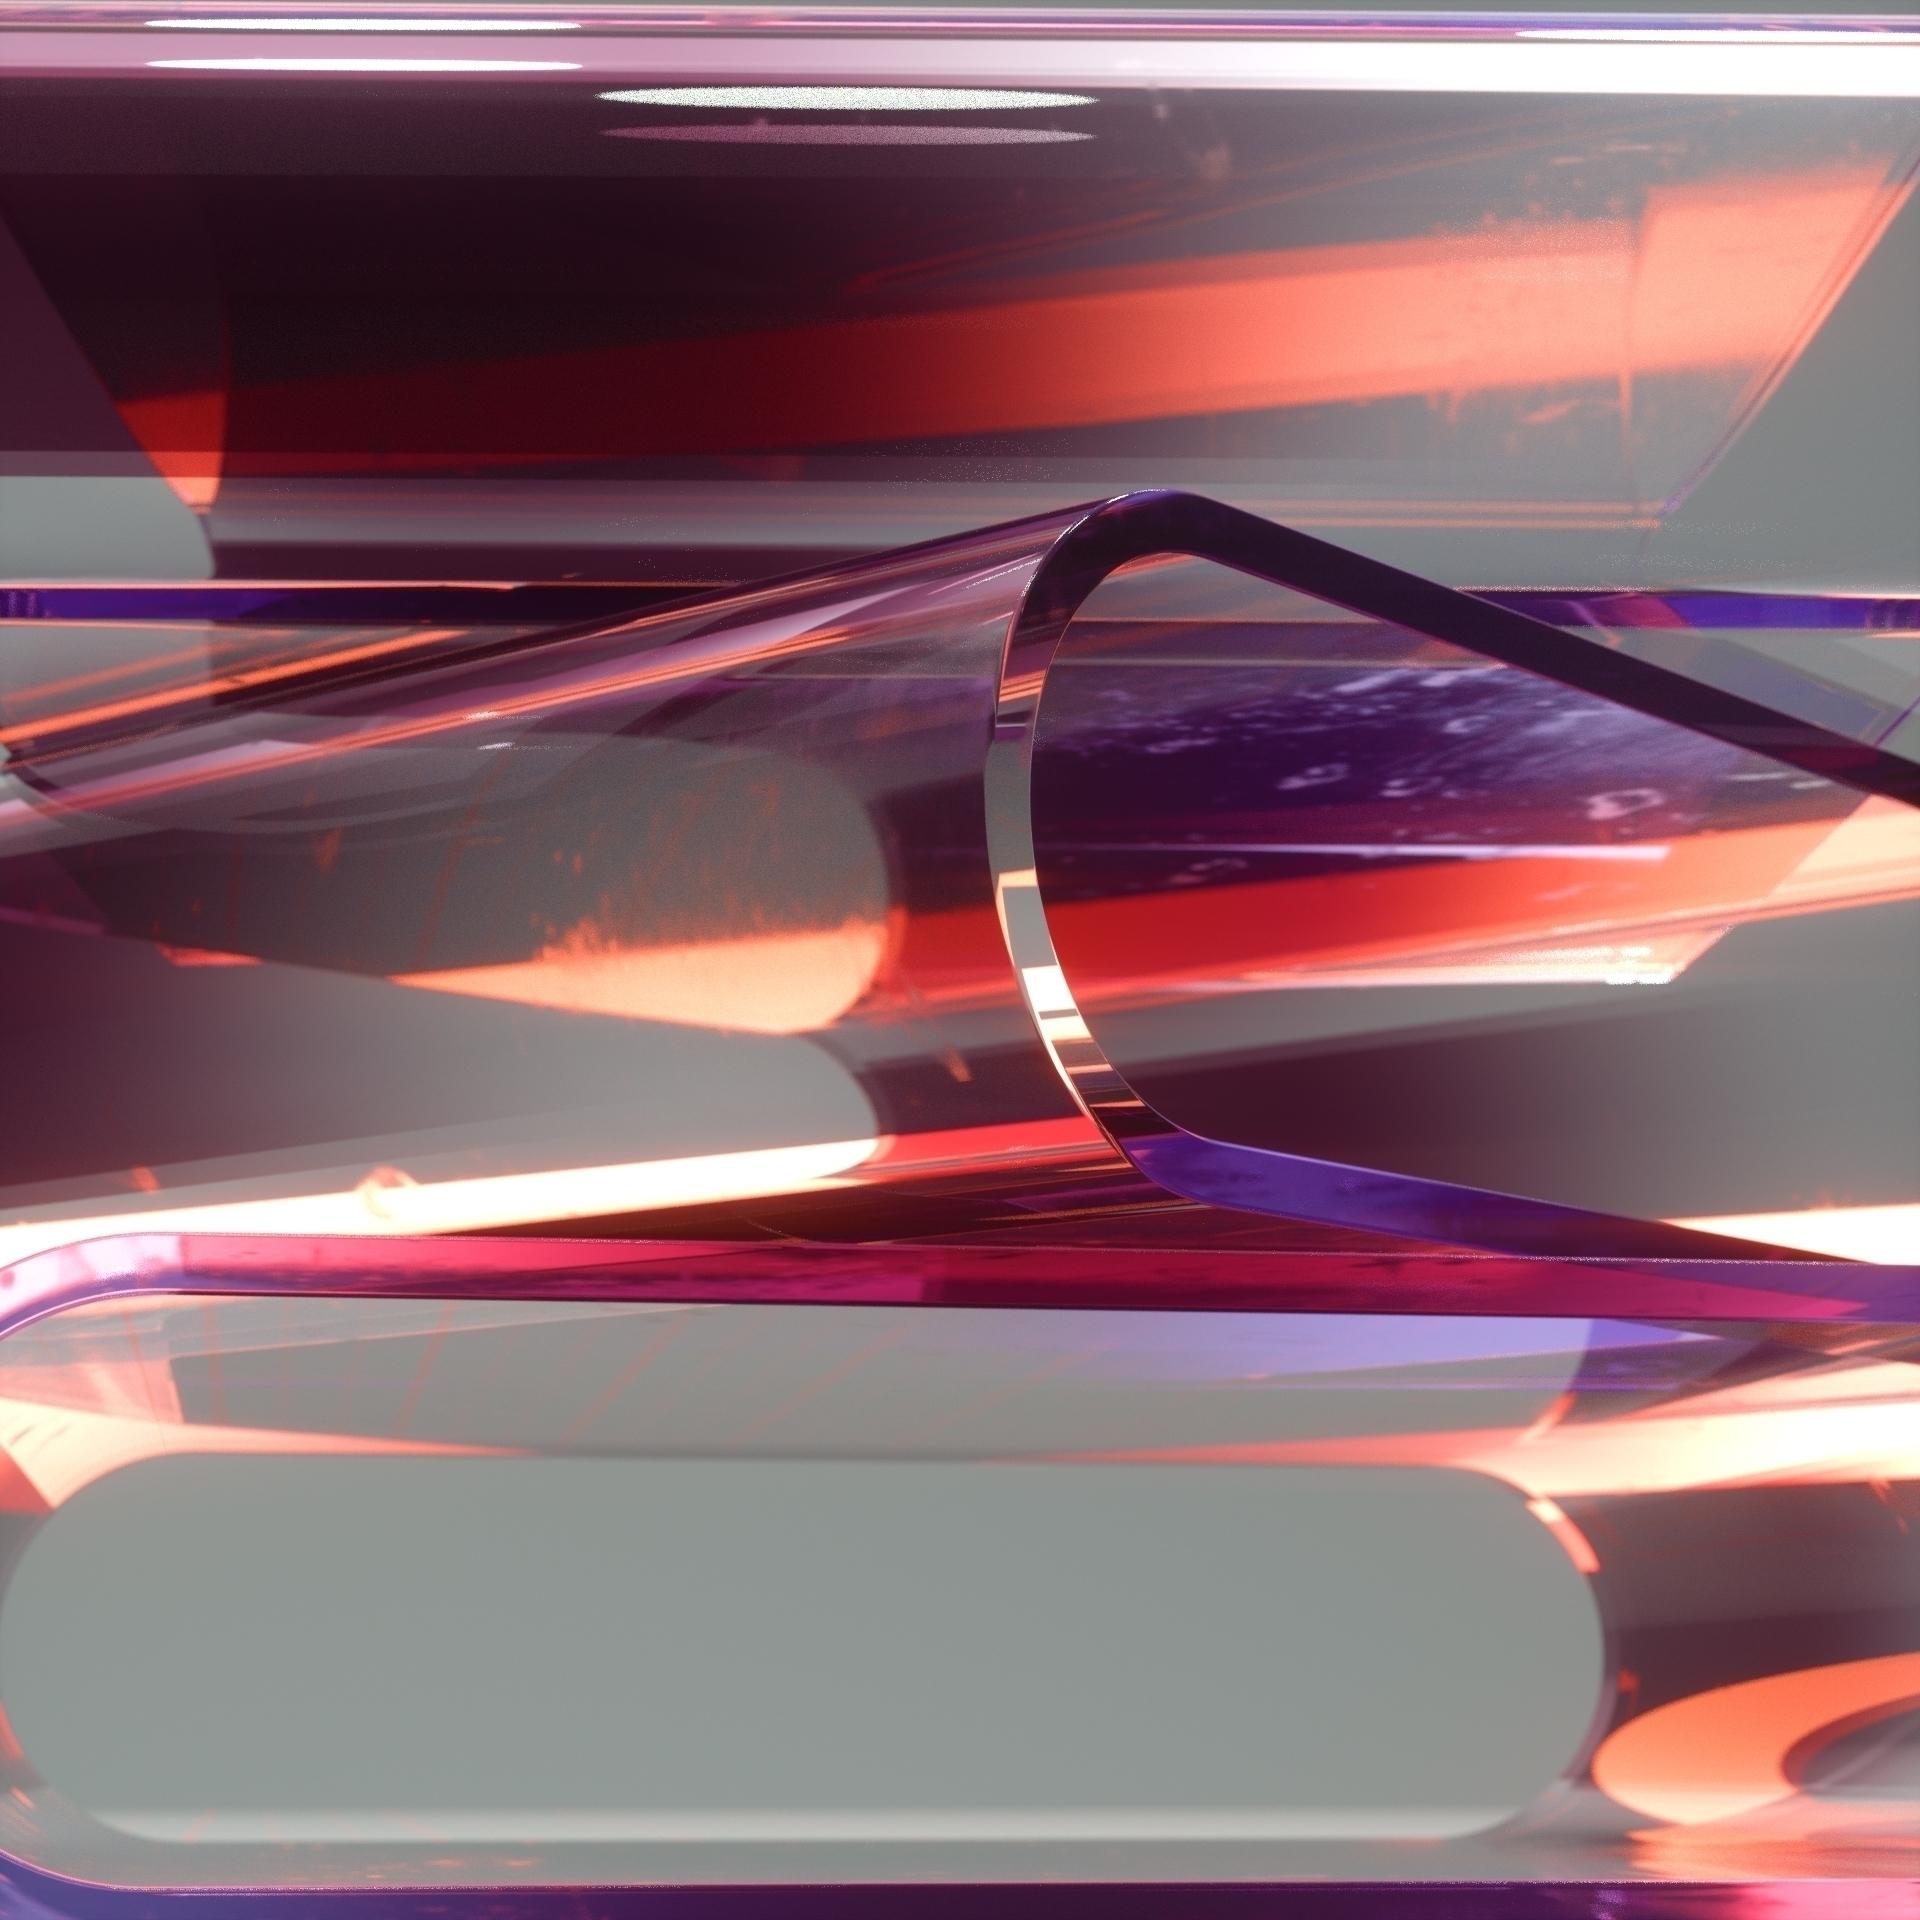 Glass Instagram - Color, Minimal - aaaronkaufman | ello